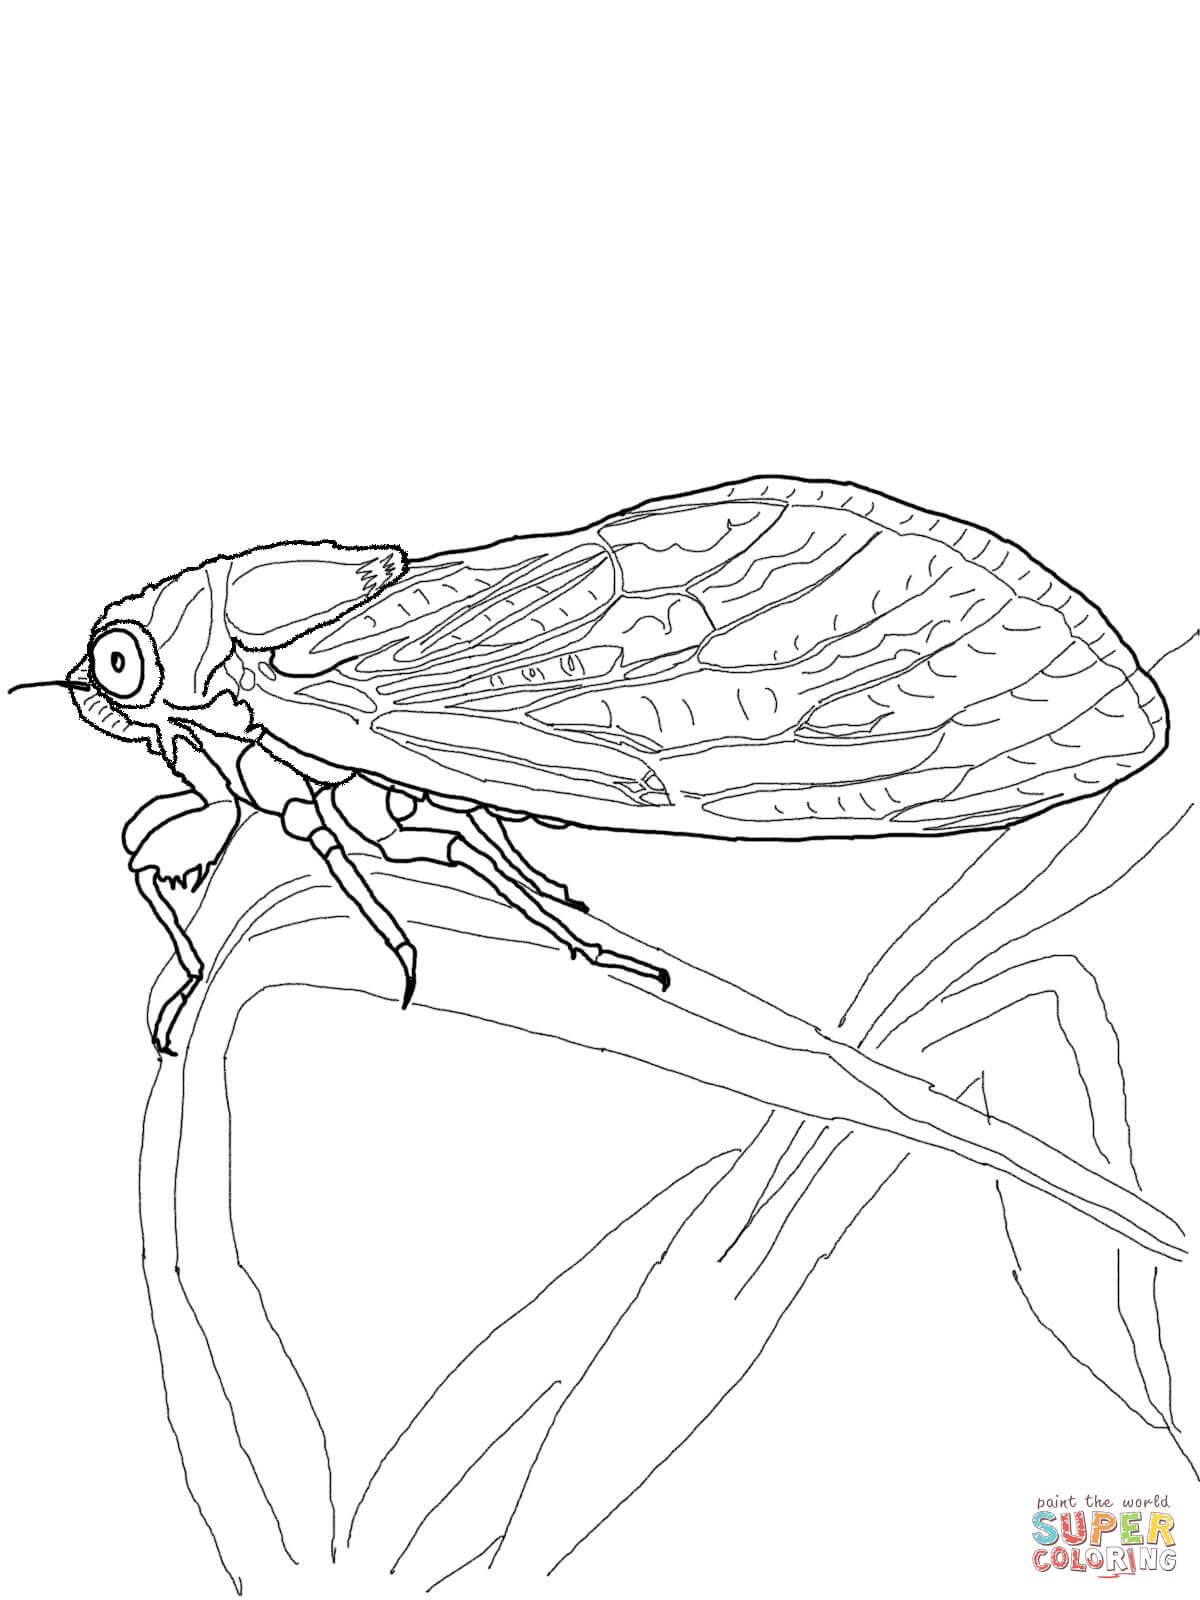 cicada-coloring-page